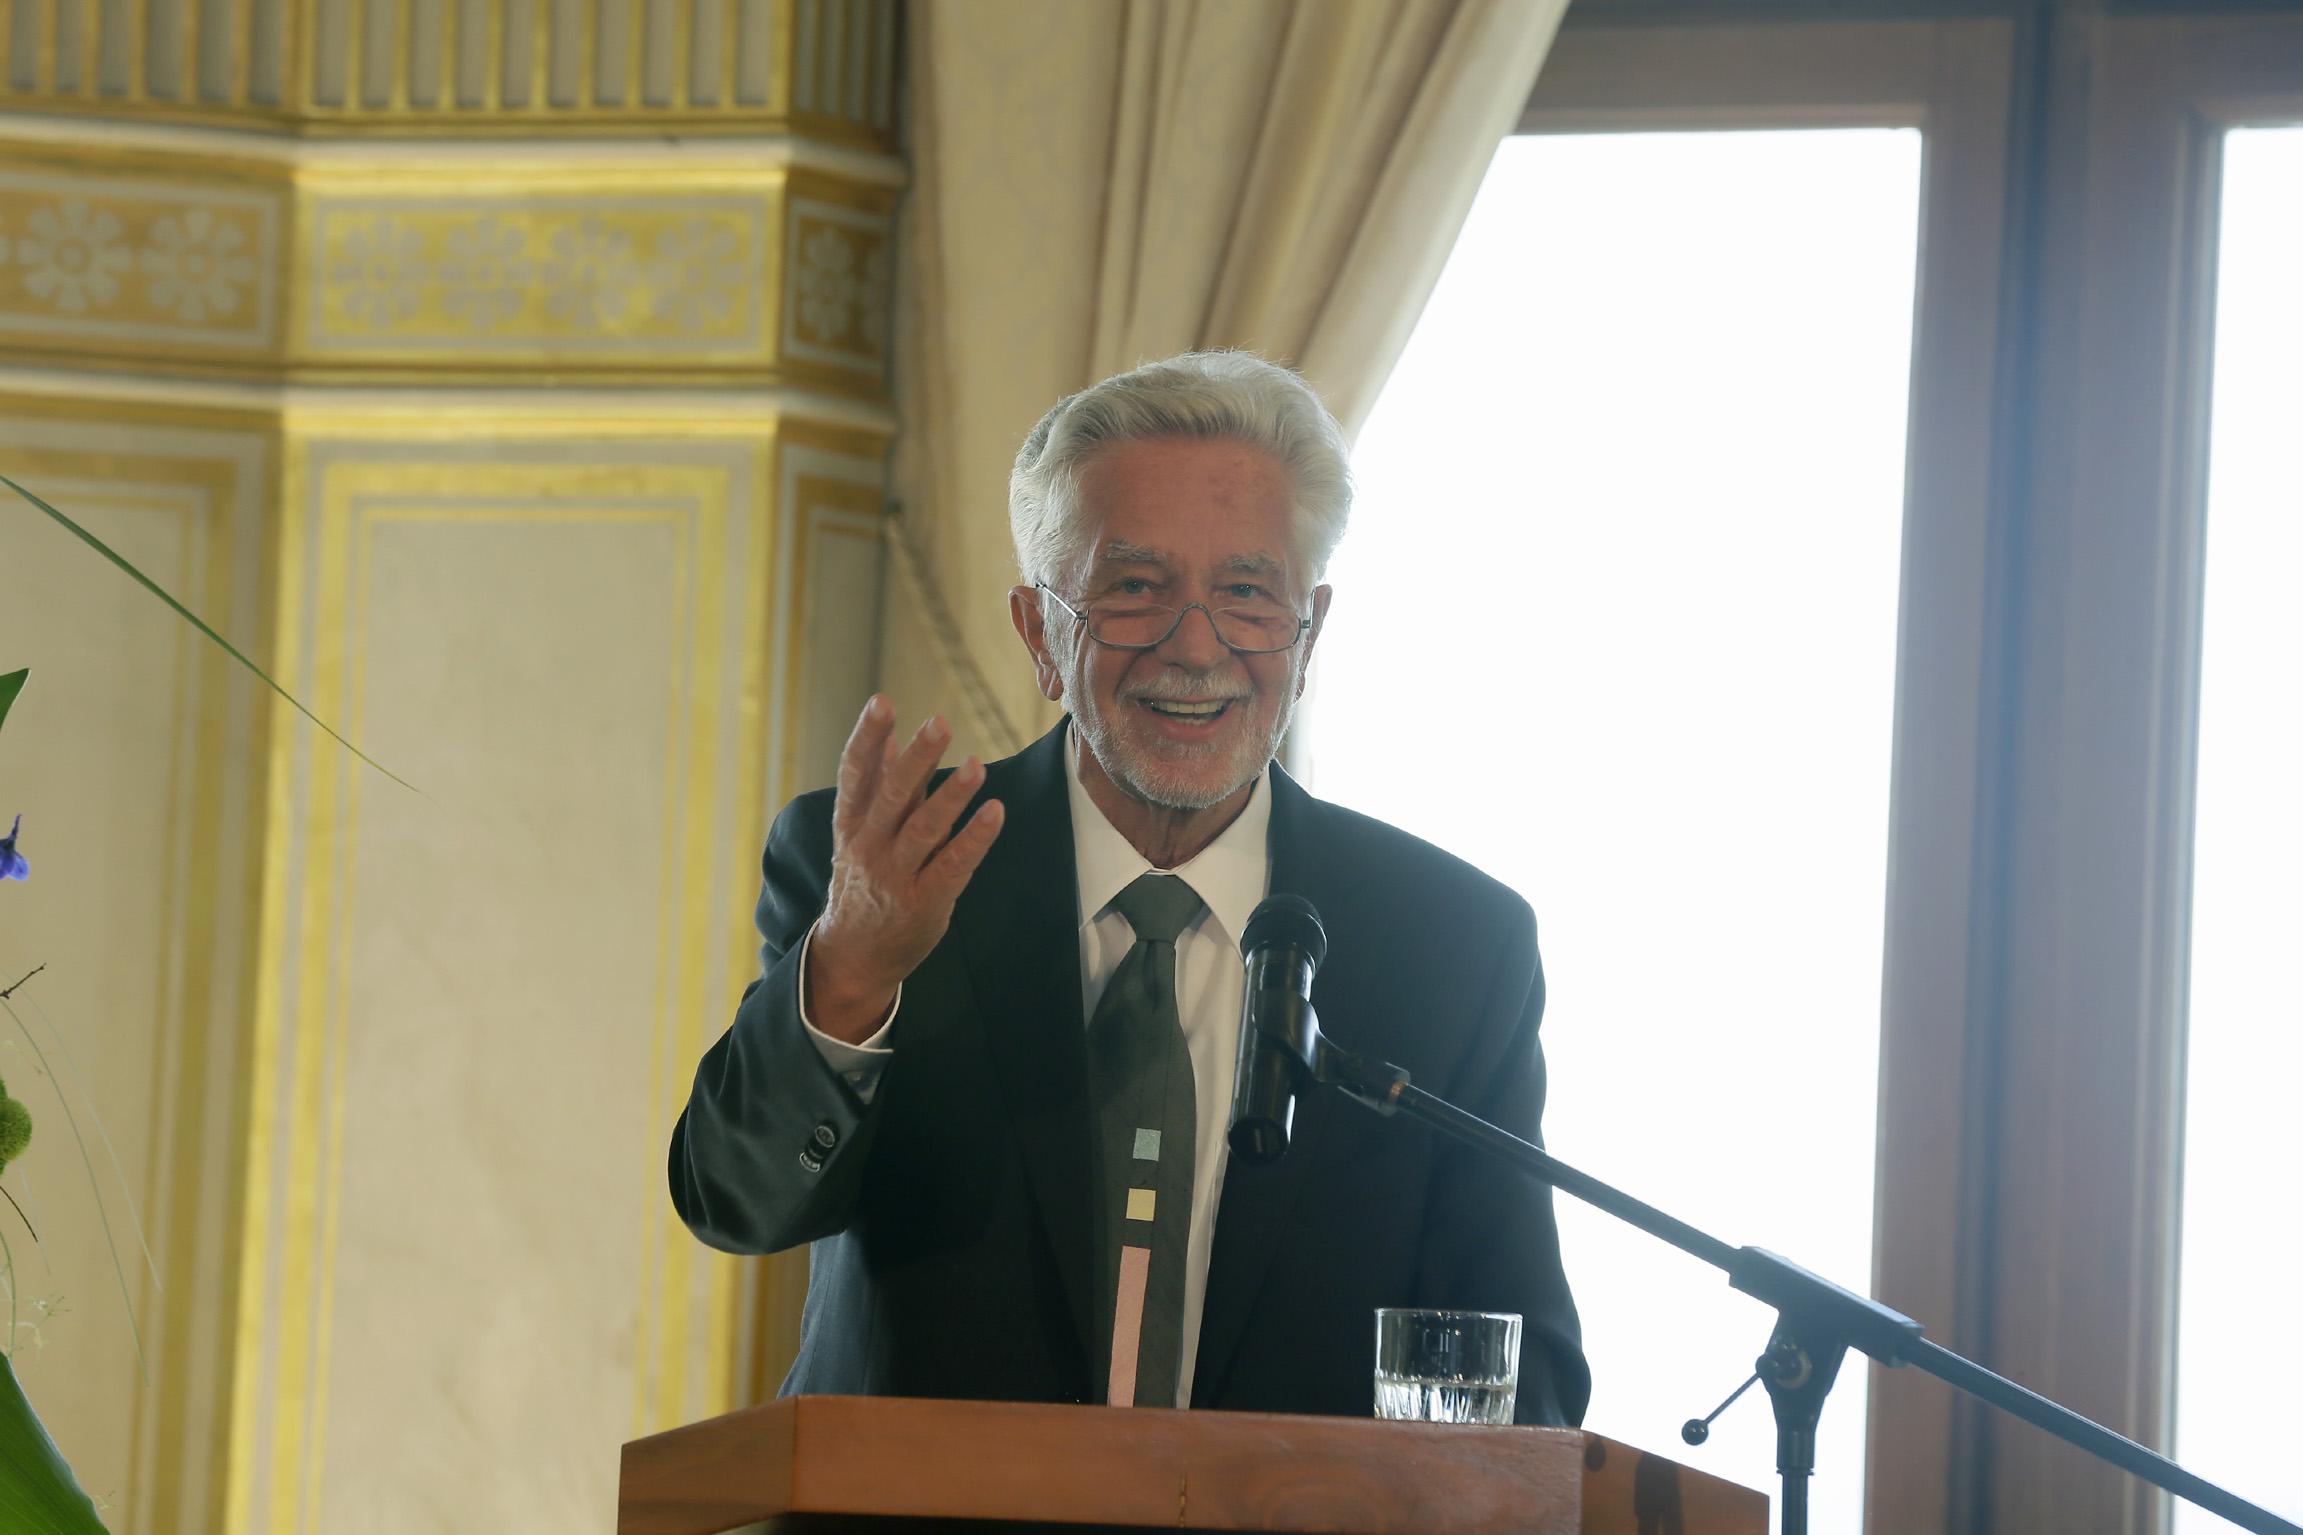 Feierliche Preisverleihung des Erich-Kästner-Preises